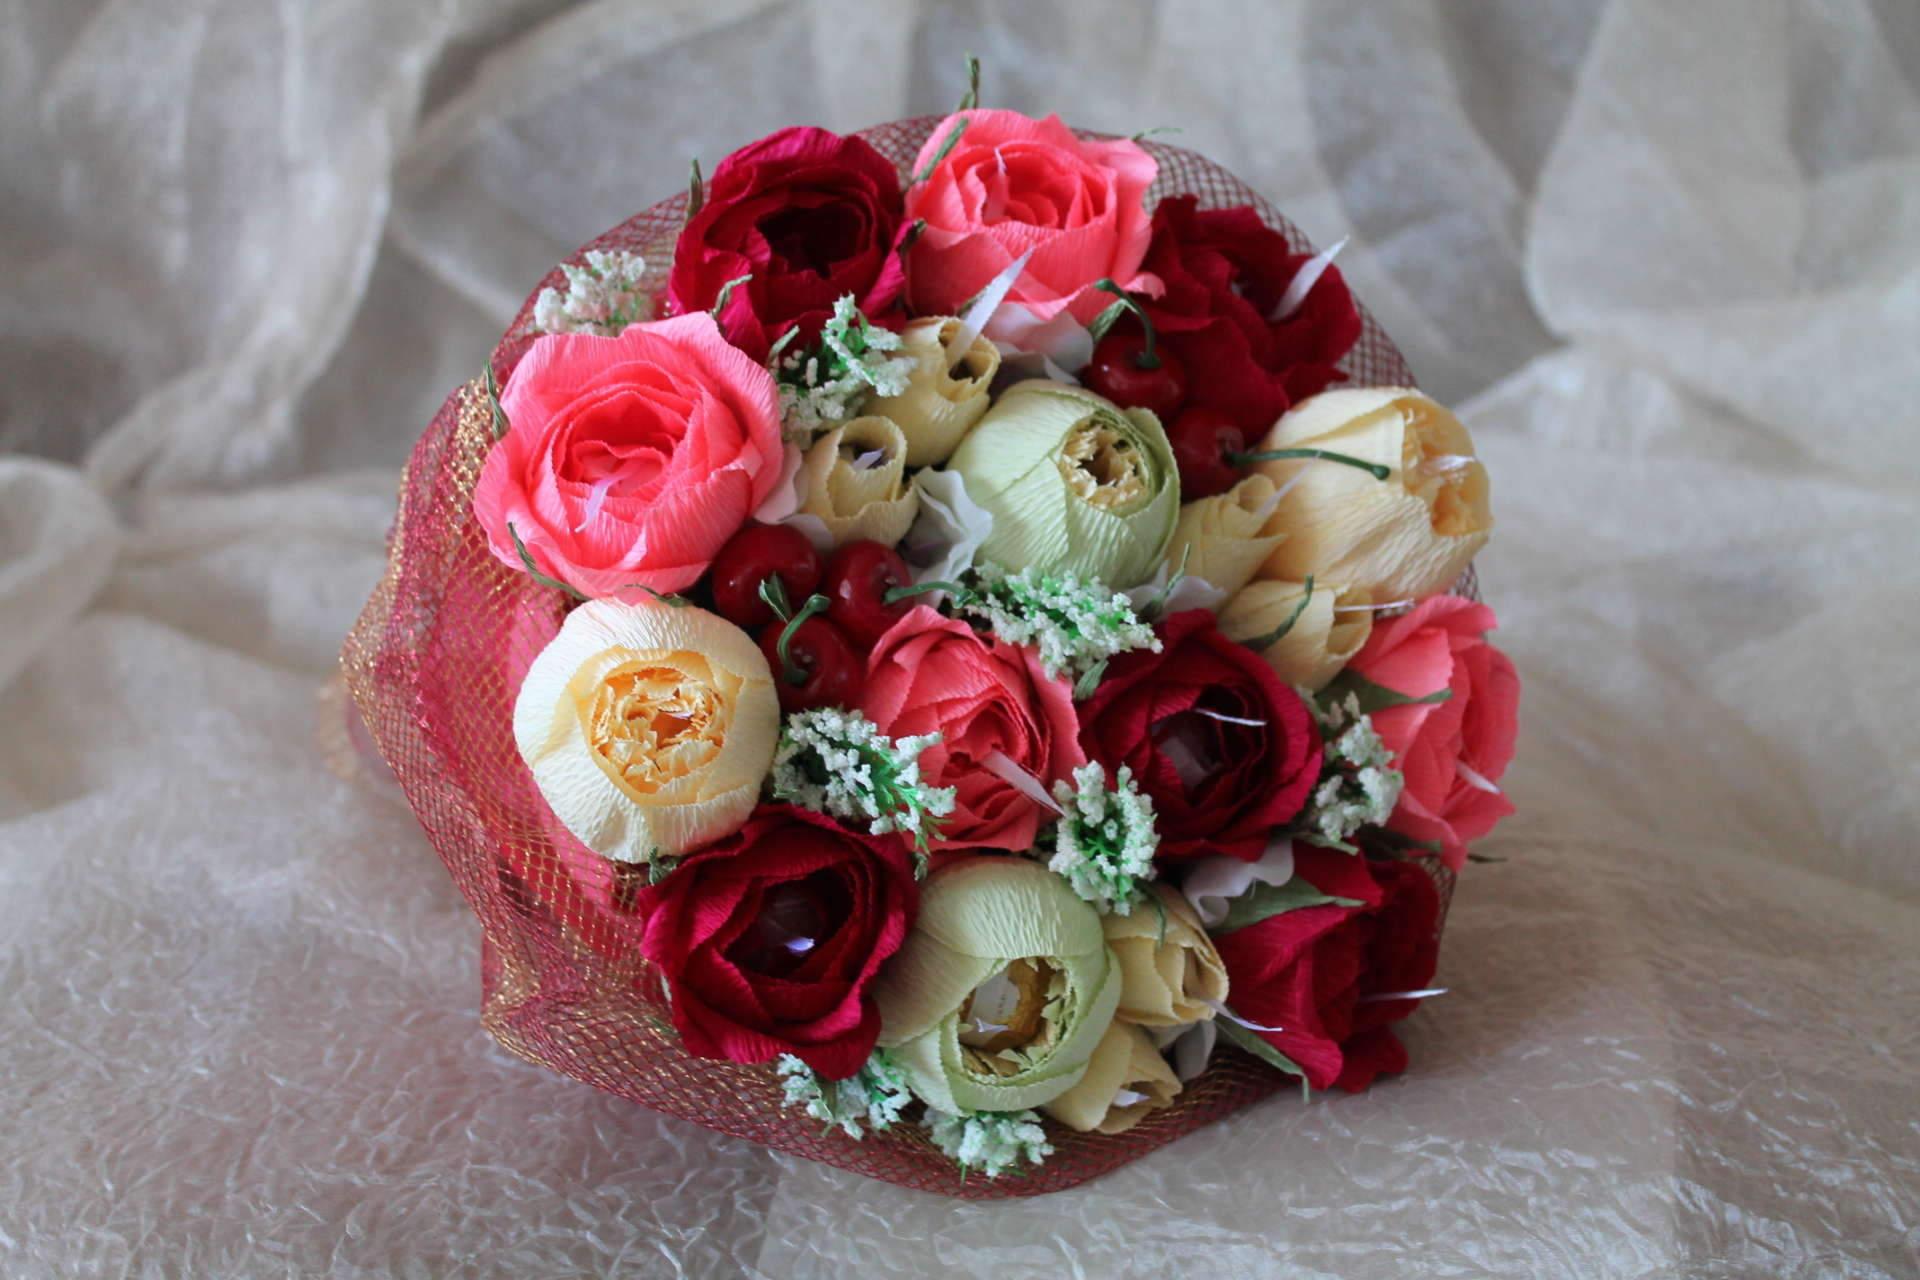 ТверьБукетдоставка цветов в Твери. Доставка букетов 499